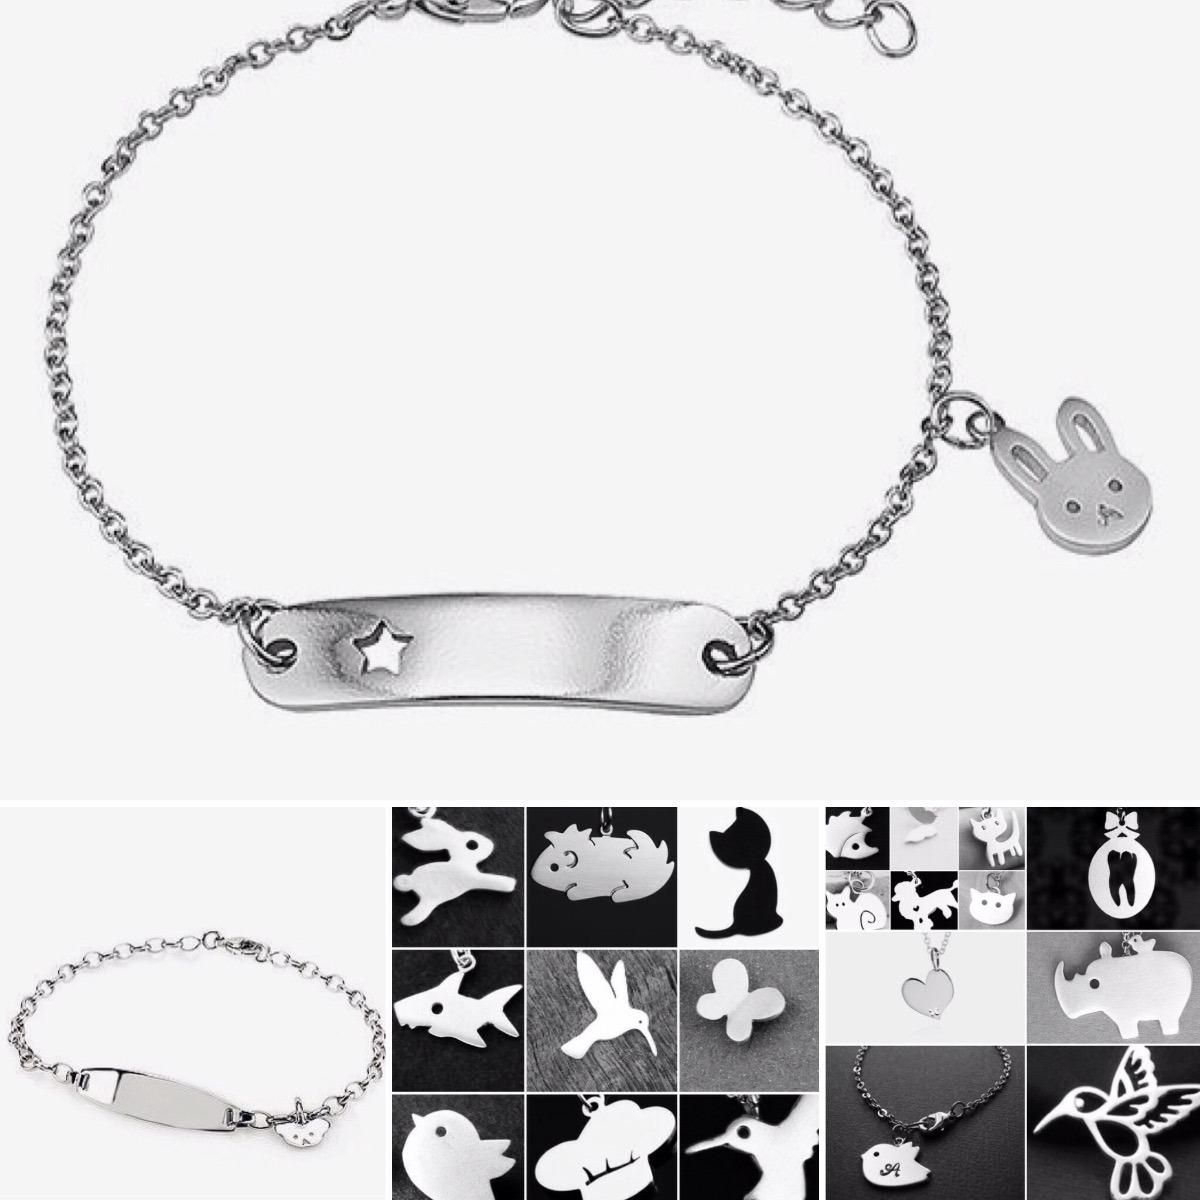 9545472f9d7d regalos de mujer enamorada llama souvenir joyas de plata 950. Cargando zoom.